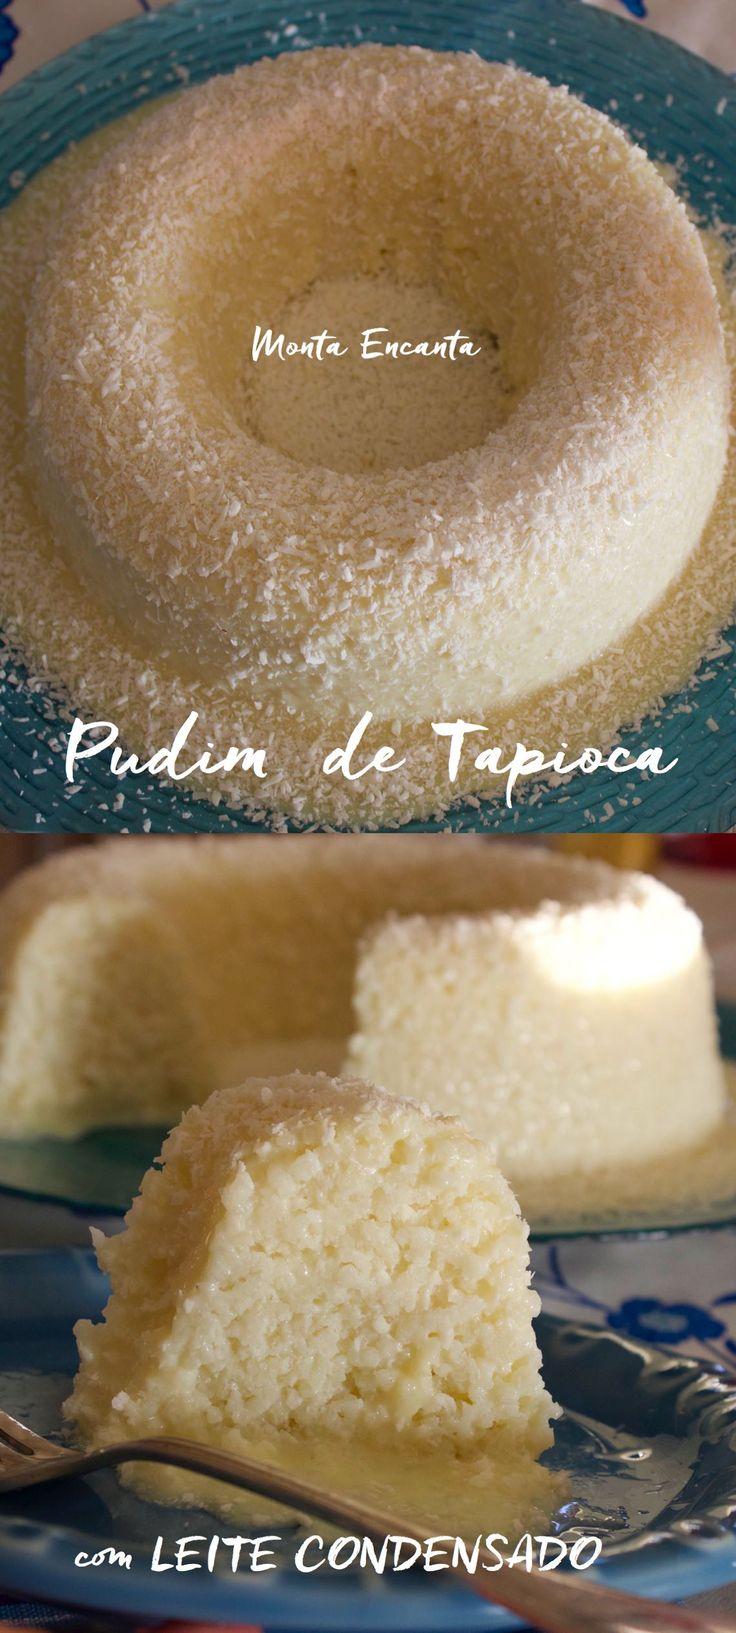 Pudim de Tapioca, se você gosta de tapioca com condensado vai amar esta versão grandona em formato de pudim, com calda de leite condensado e coco ralado.